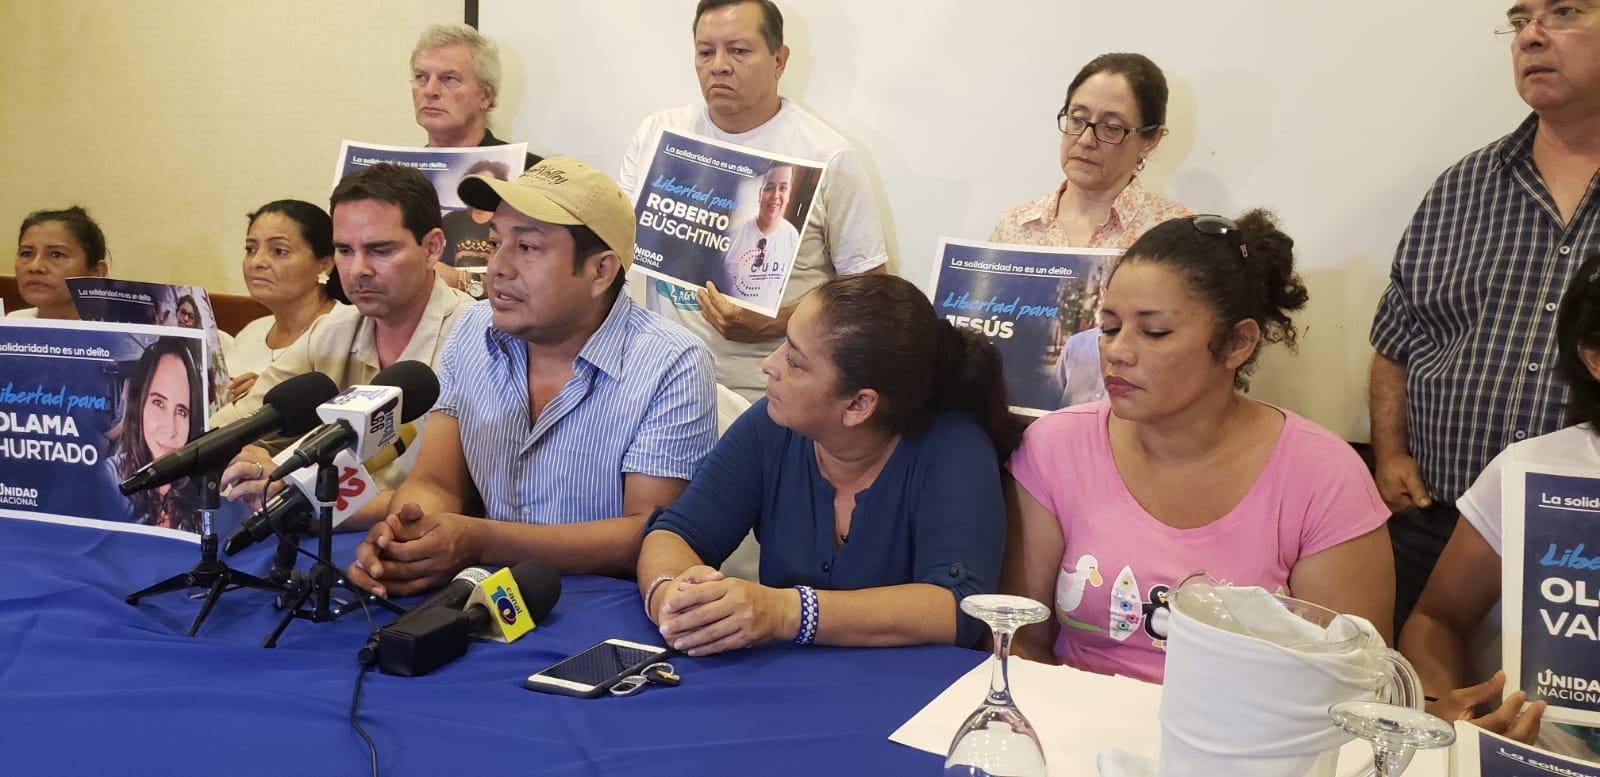 Familiares de los aguadores denuncian malos tratos en El Chipote. Foto: G. Shiffman/Artículo 66